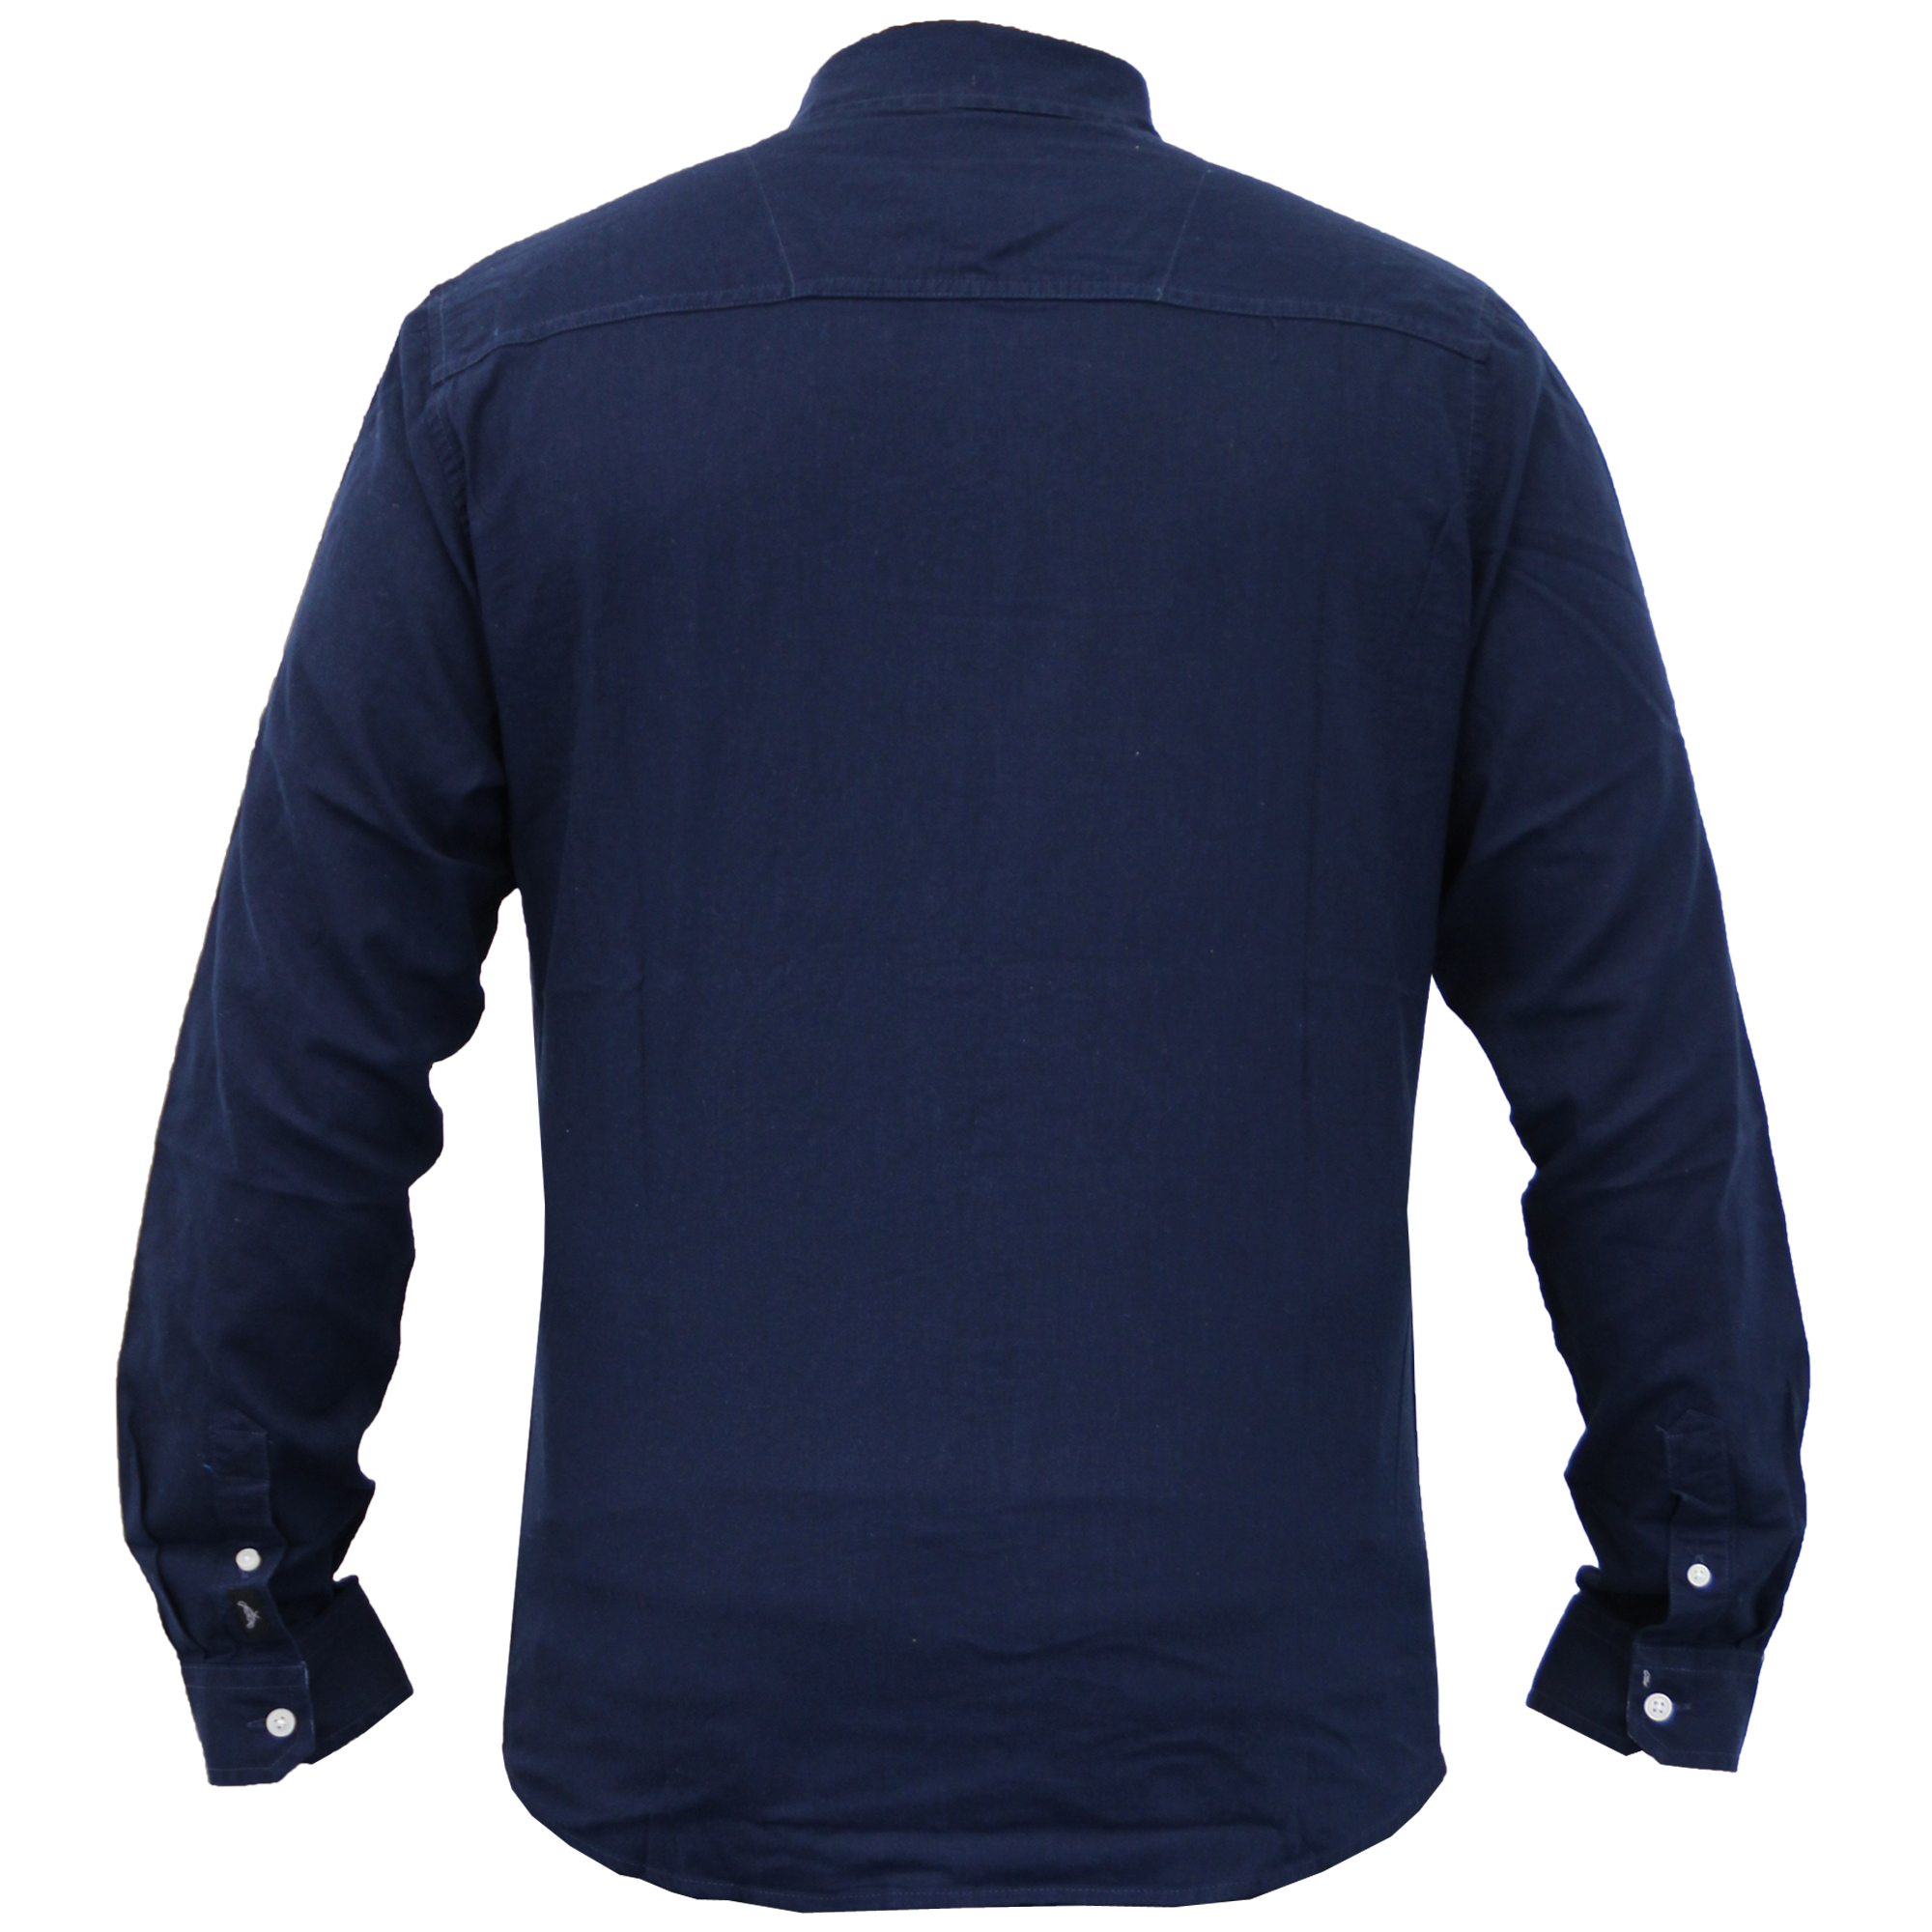 Para-hombres-camisa-de-manga-larga-con-cuello-desgastado-Lino-formales-de-trabajo-informal-de-verano miniatura 6